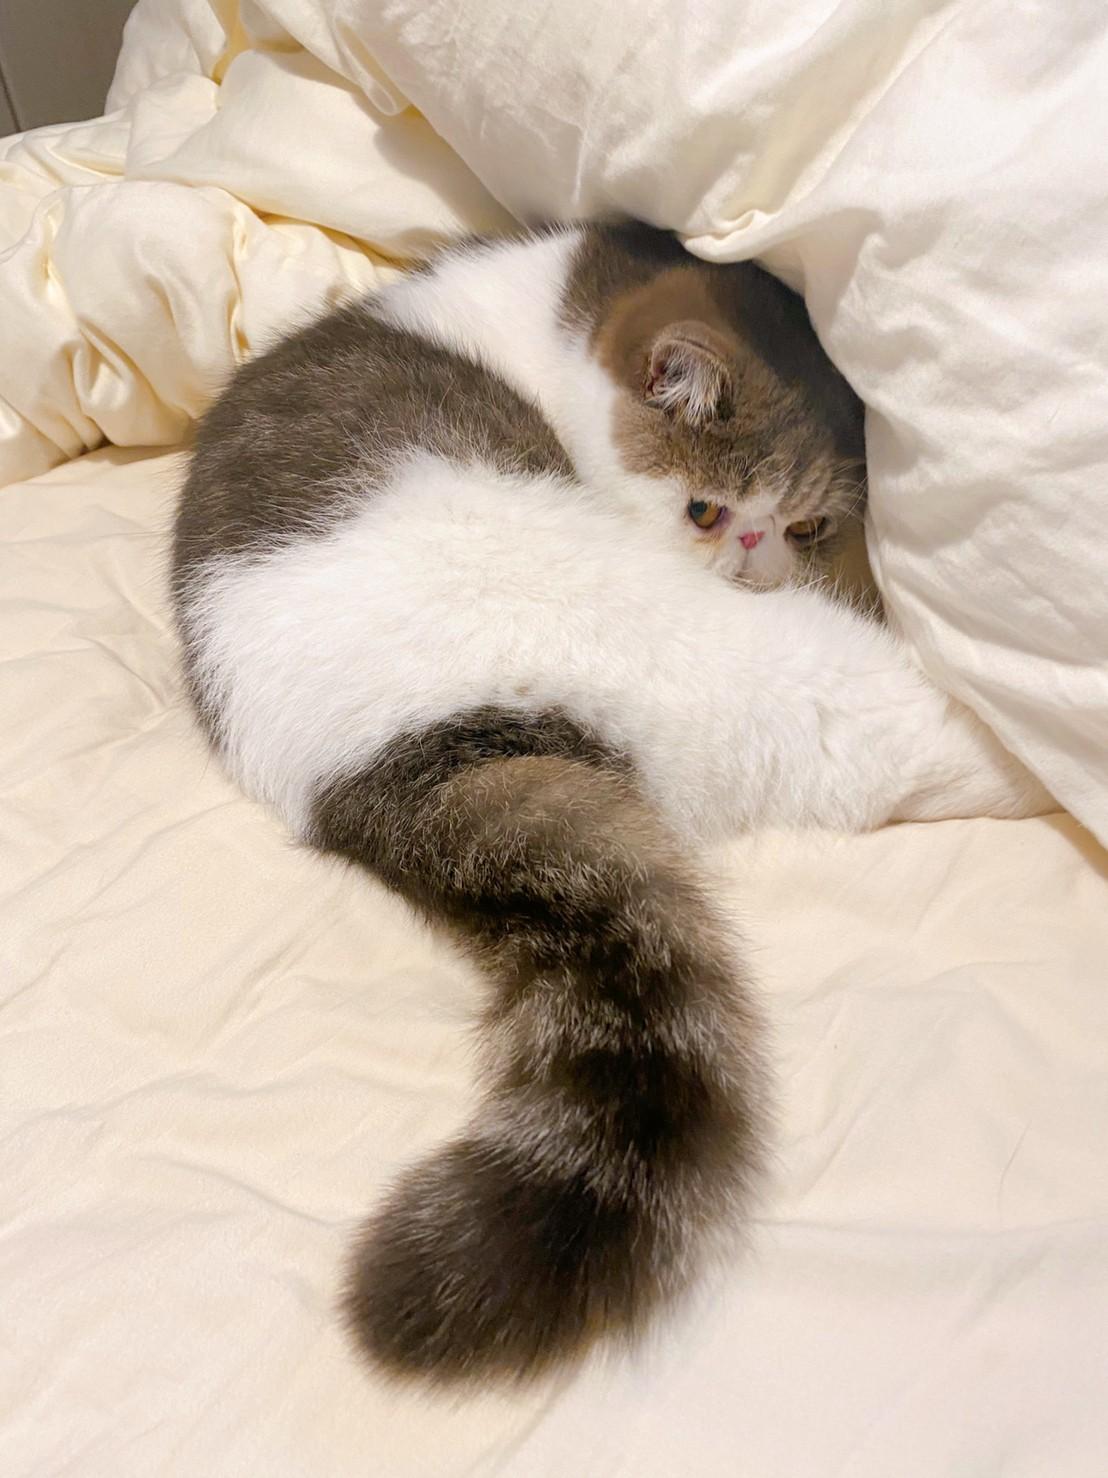 ベッドの上で悪いことを企んでいる猫・こたつくん